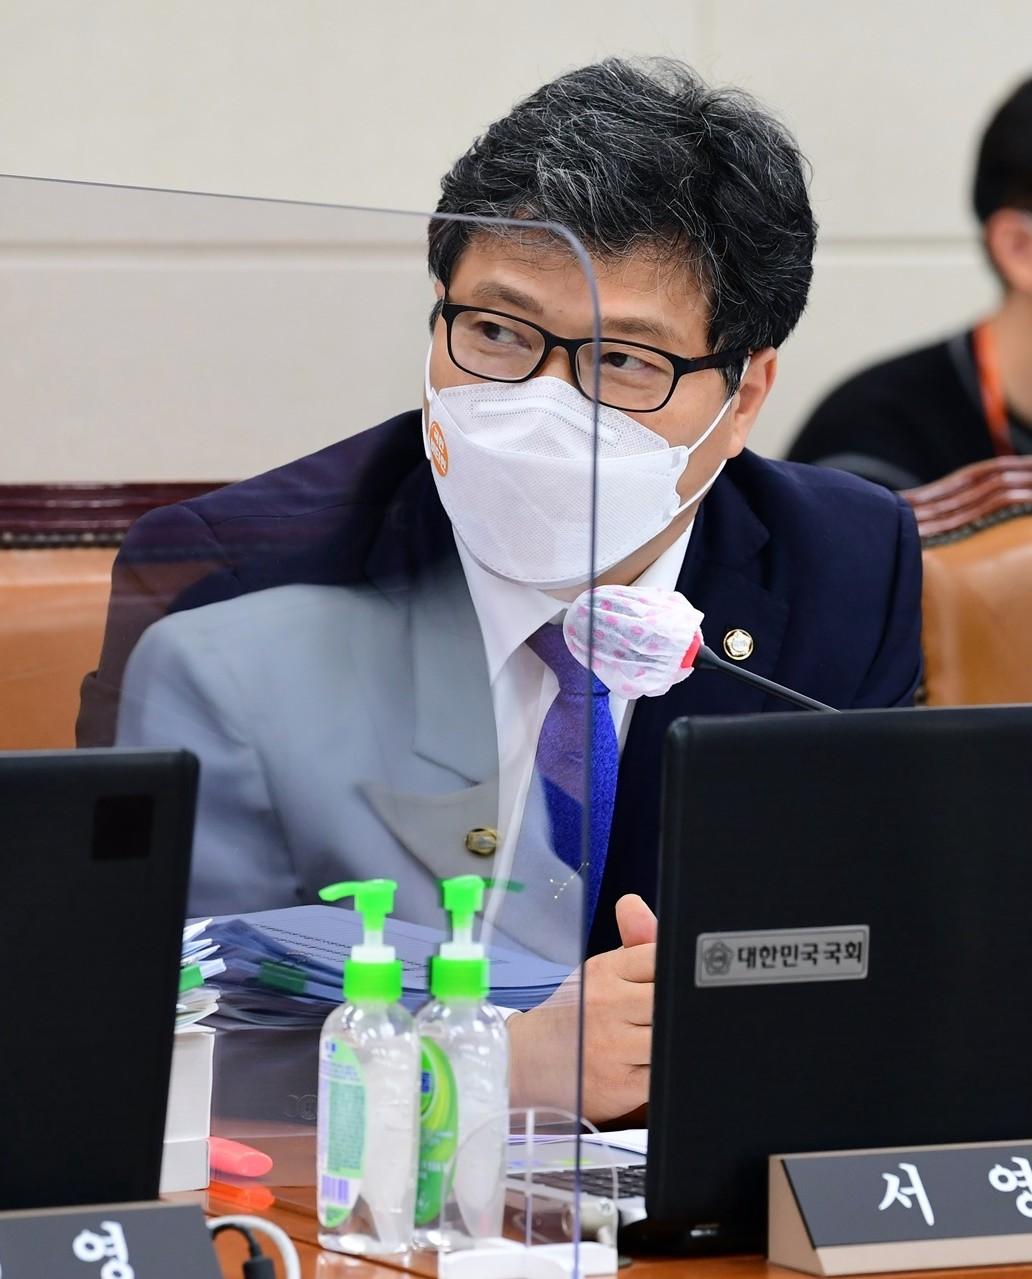 사진: 국회 전문기자협의회 제공